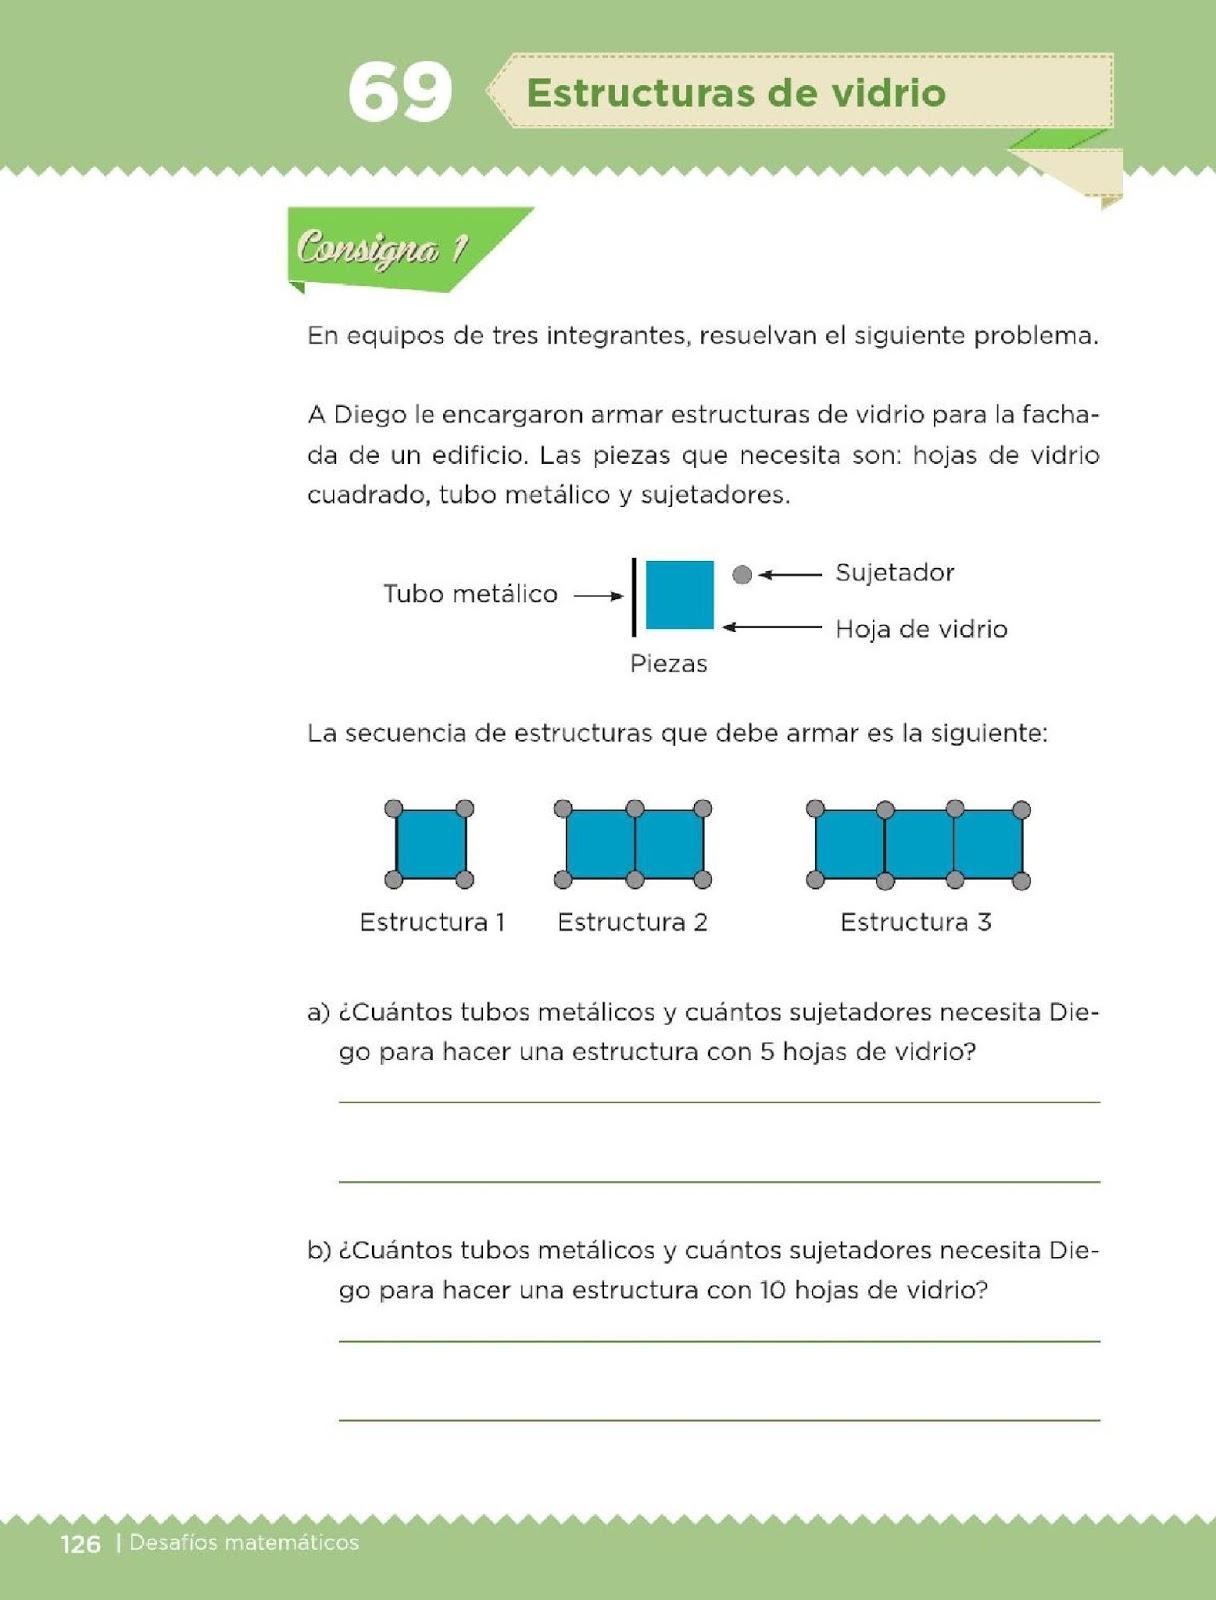 Estructuras de vidrio - Bloque IV - Lección 69 ~ Apoyo Primaria